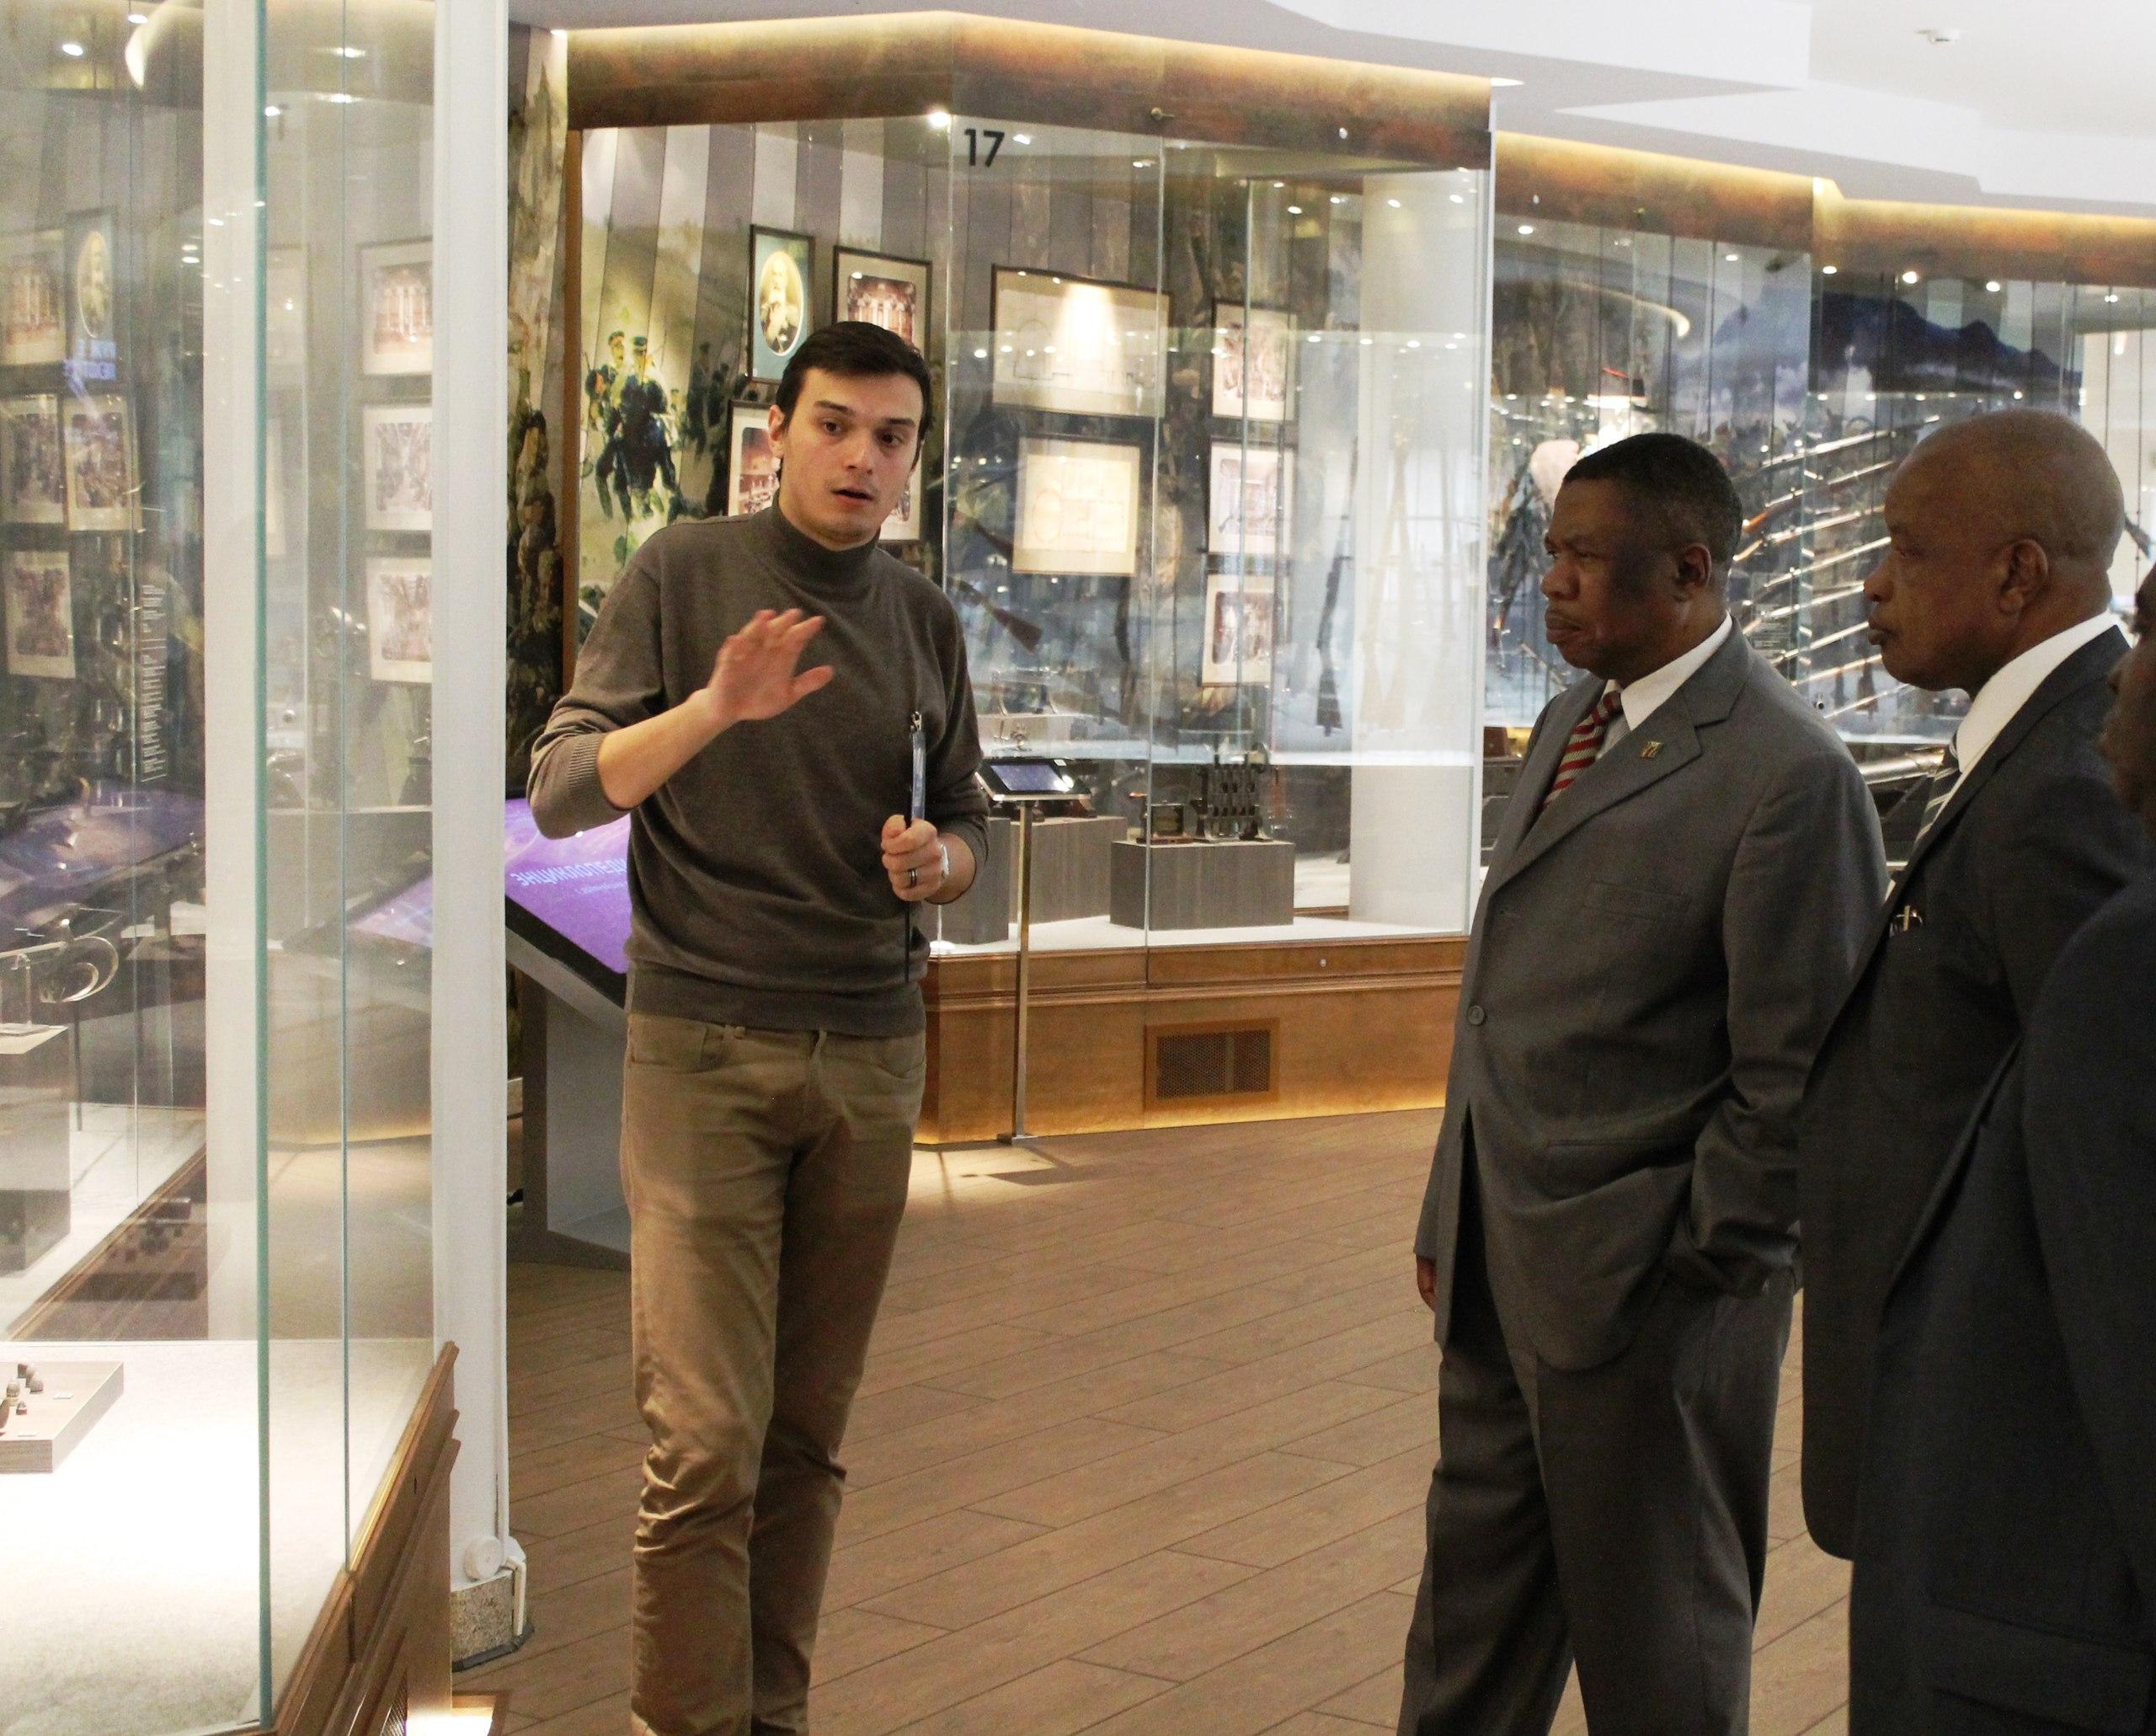 Чрезвычайный и полномочный посол Республики Зимбабве Майк Николас Санго посетил Тульский музей оружия